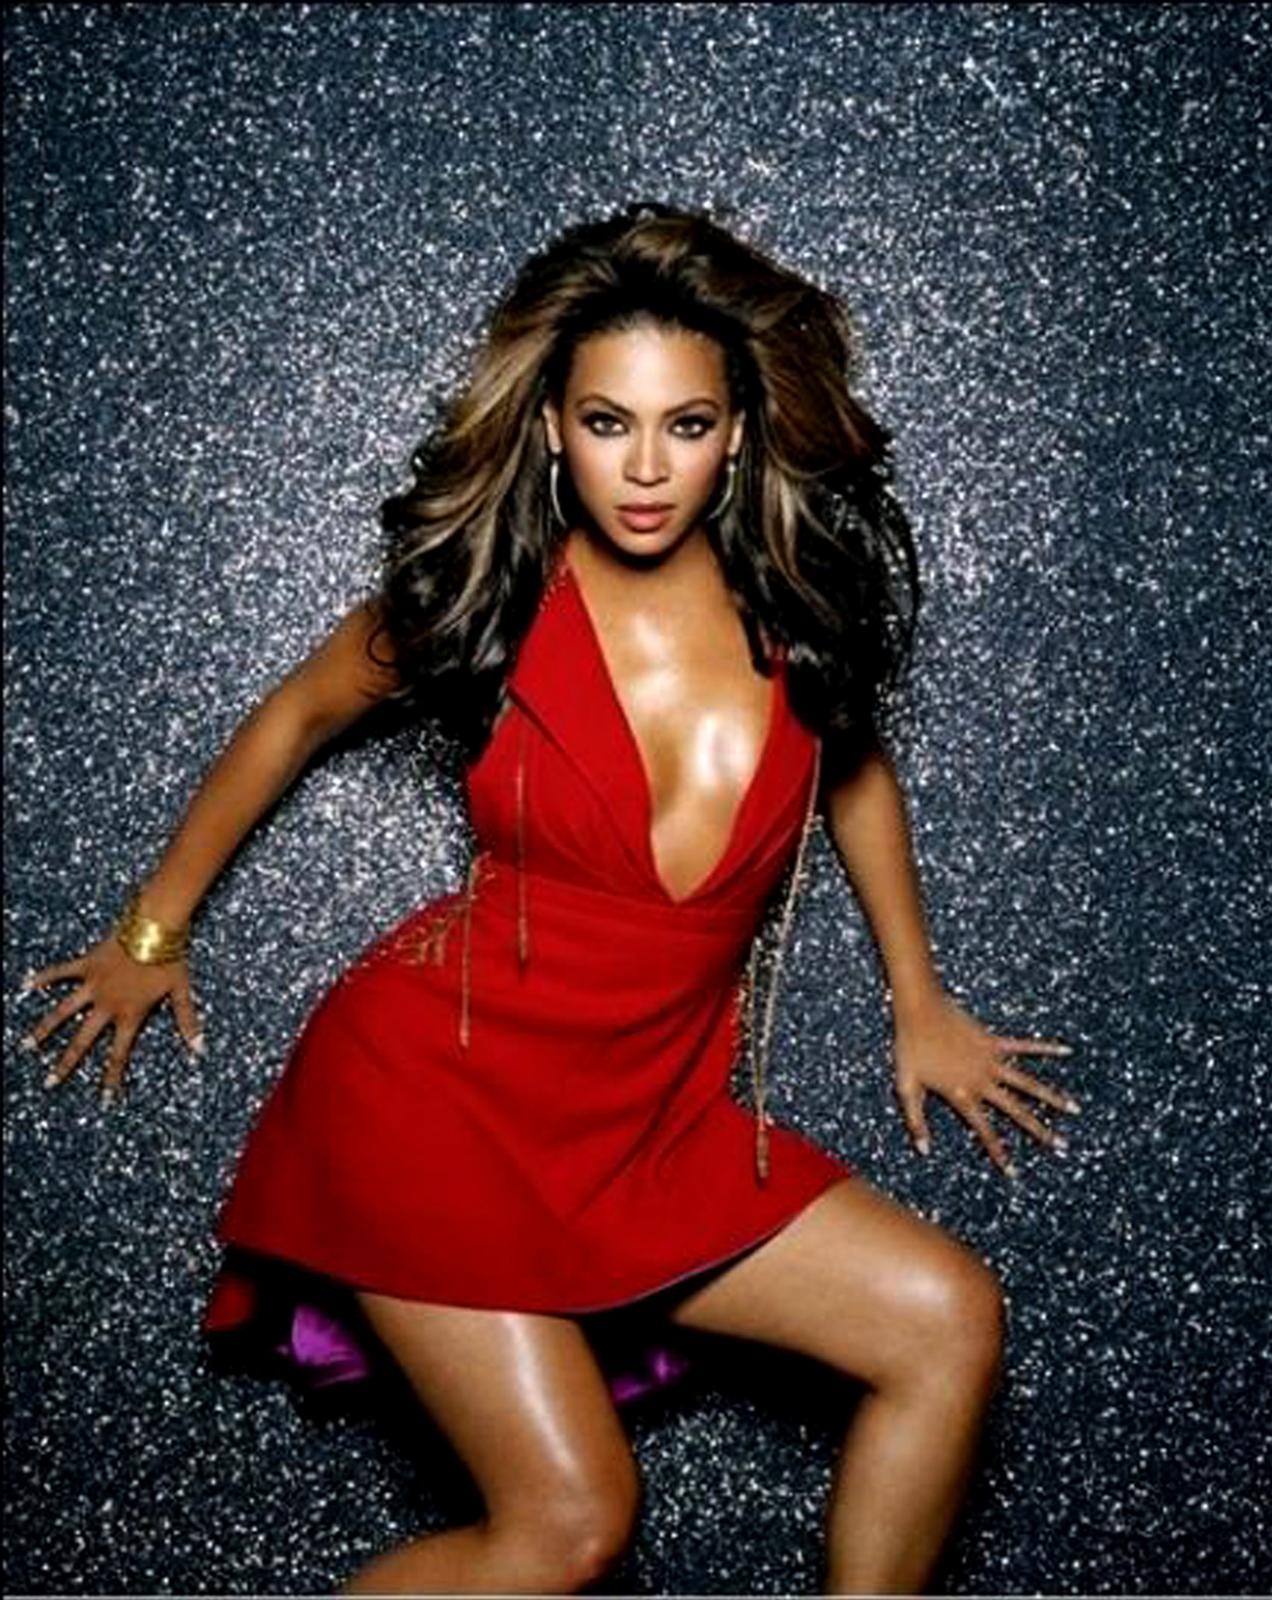 http://1.bp.blogspot.com/-FuCMetOspS0/TnU9mUtSHLI/AAAAAAAABHI/u218li9vggo/s1600/beyonce_red_sexy_wallpaper_Vvallpaper.net.jpg